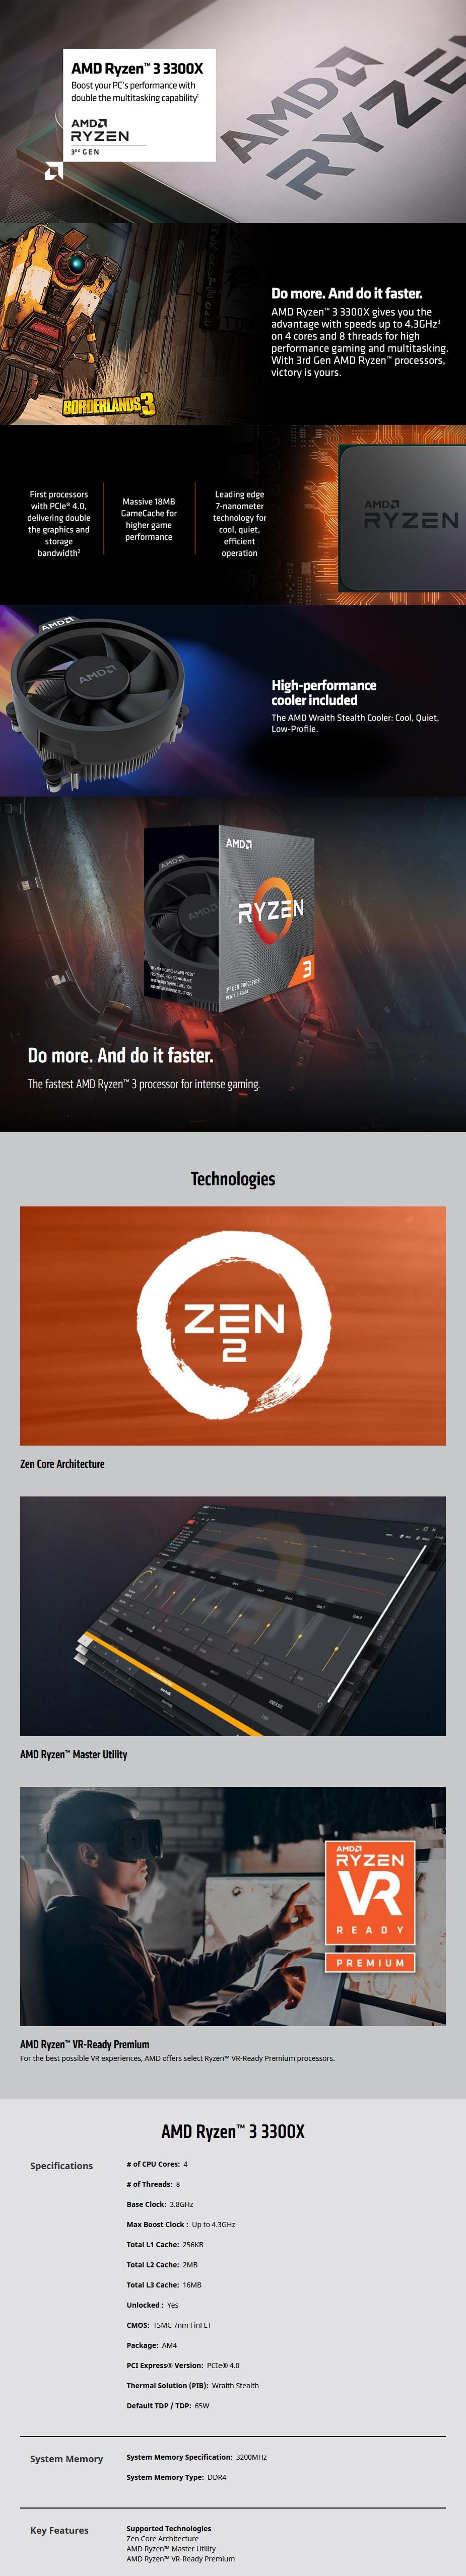 AMD Ryzen 5 3600 6 Core Socket AM4 4.2GHz CPU Processor + Wraith Stealth Cooler - Desktop Overview 1